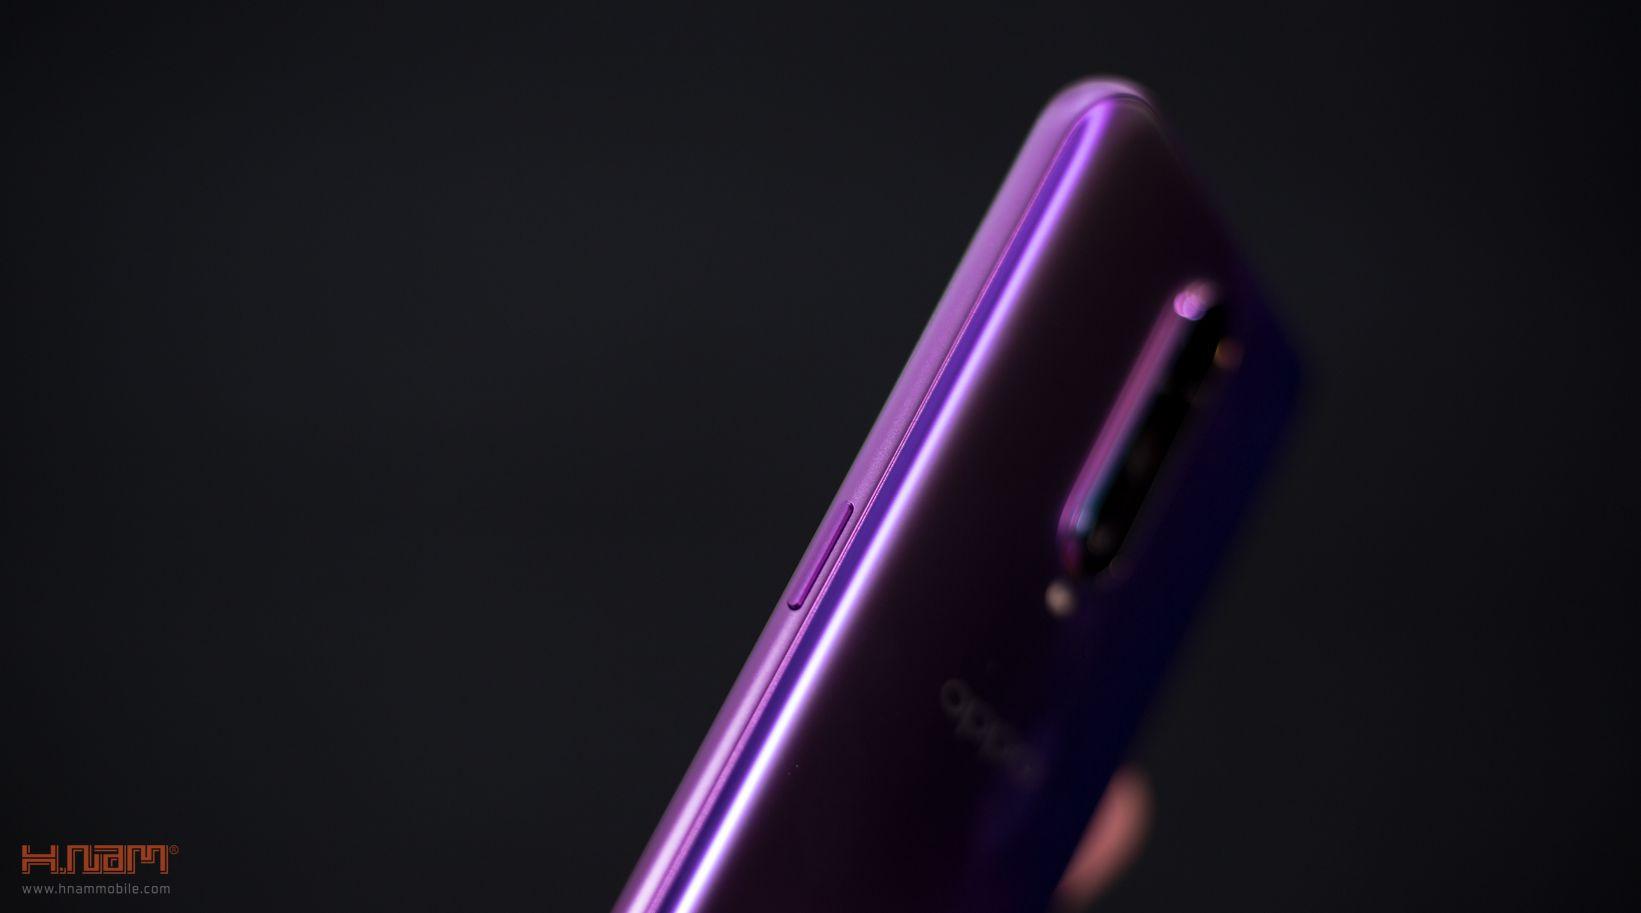 Trên tay Oppo R17 Pro: mặt lưng siêu đẹp, sạc siêu nhanh hình 7